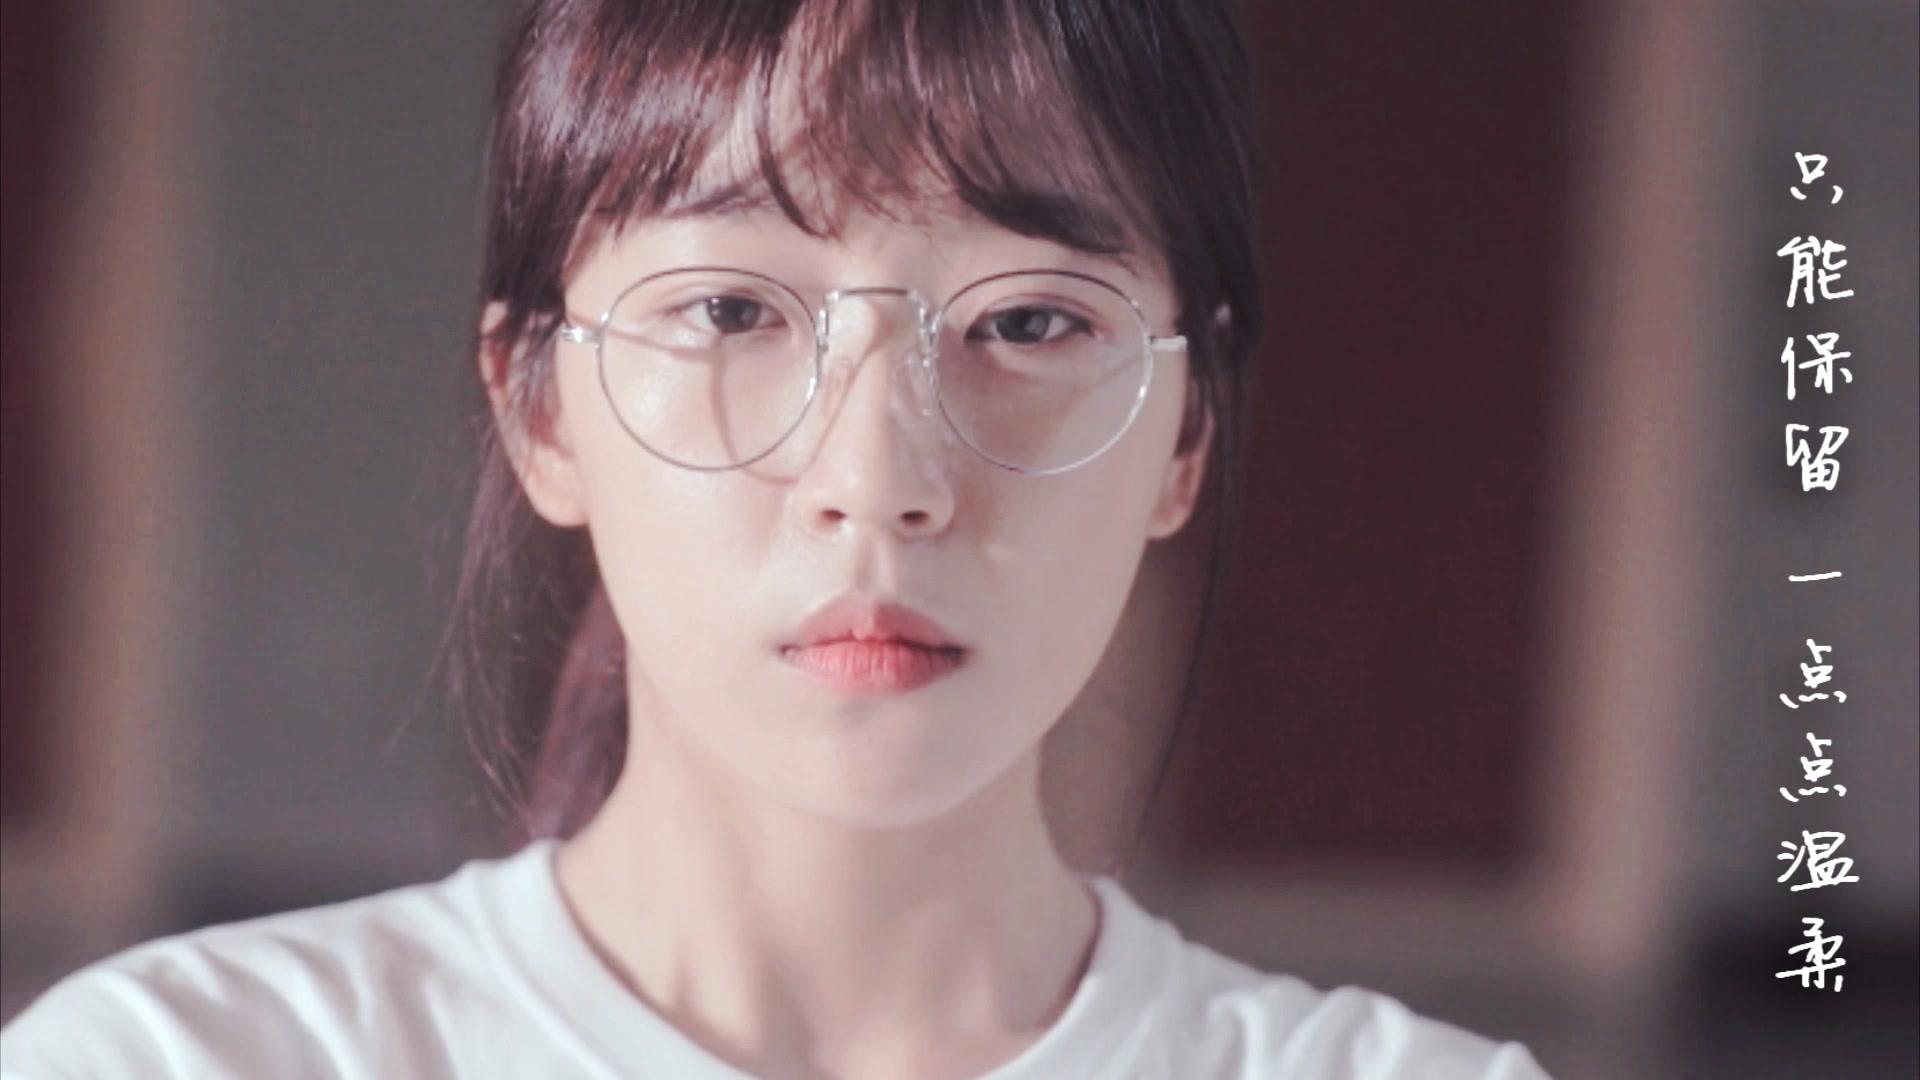 内射眼镜学姐_【少女的世界】曹秀香×权娜拉 眼镜学姐×帅气学姐 好朋友只是好朋友